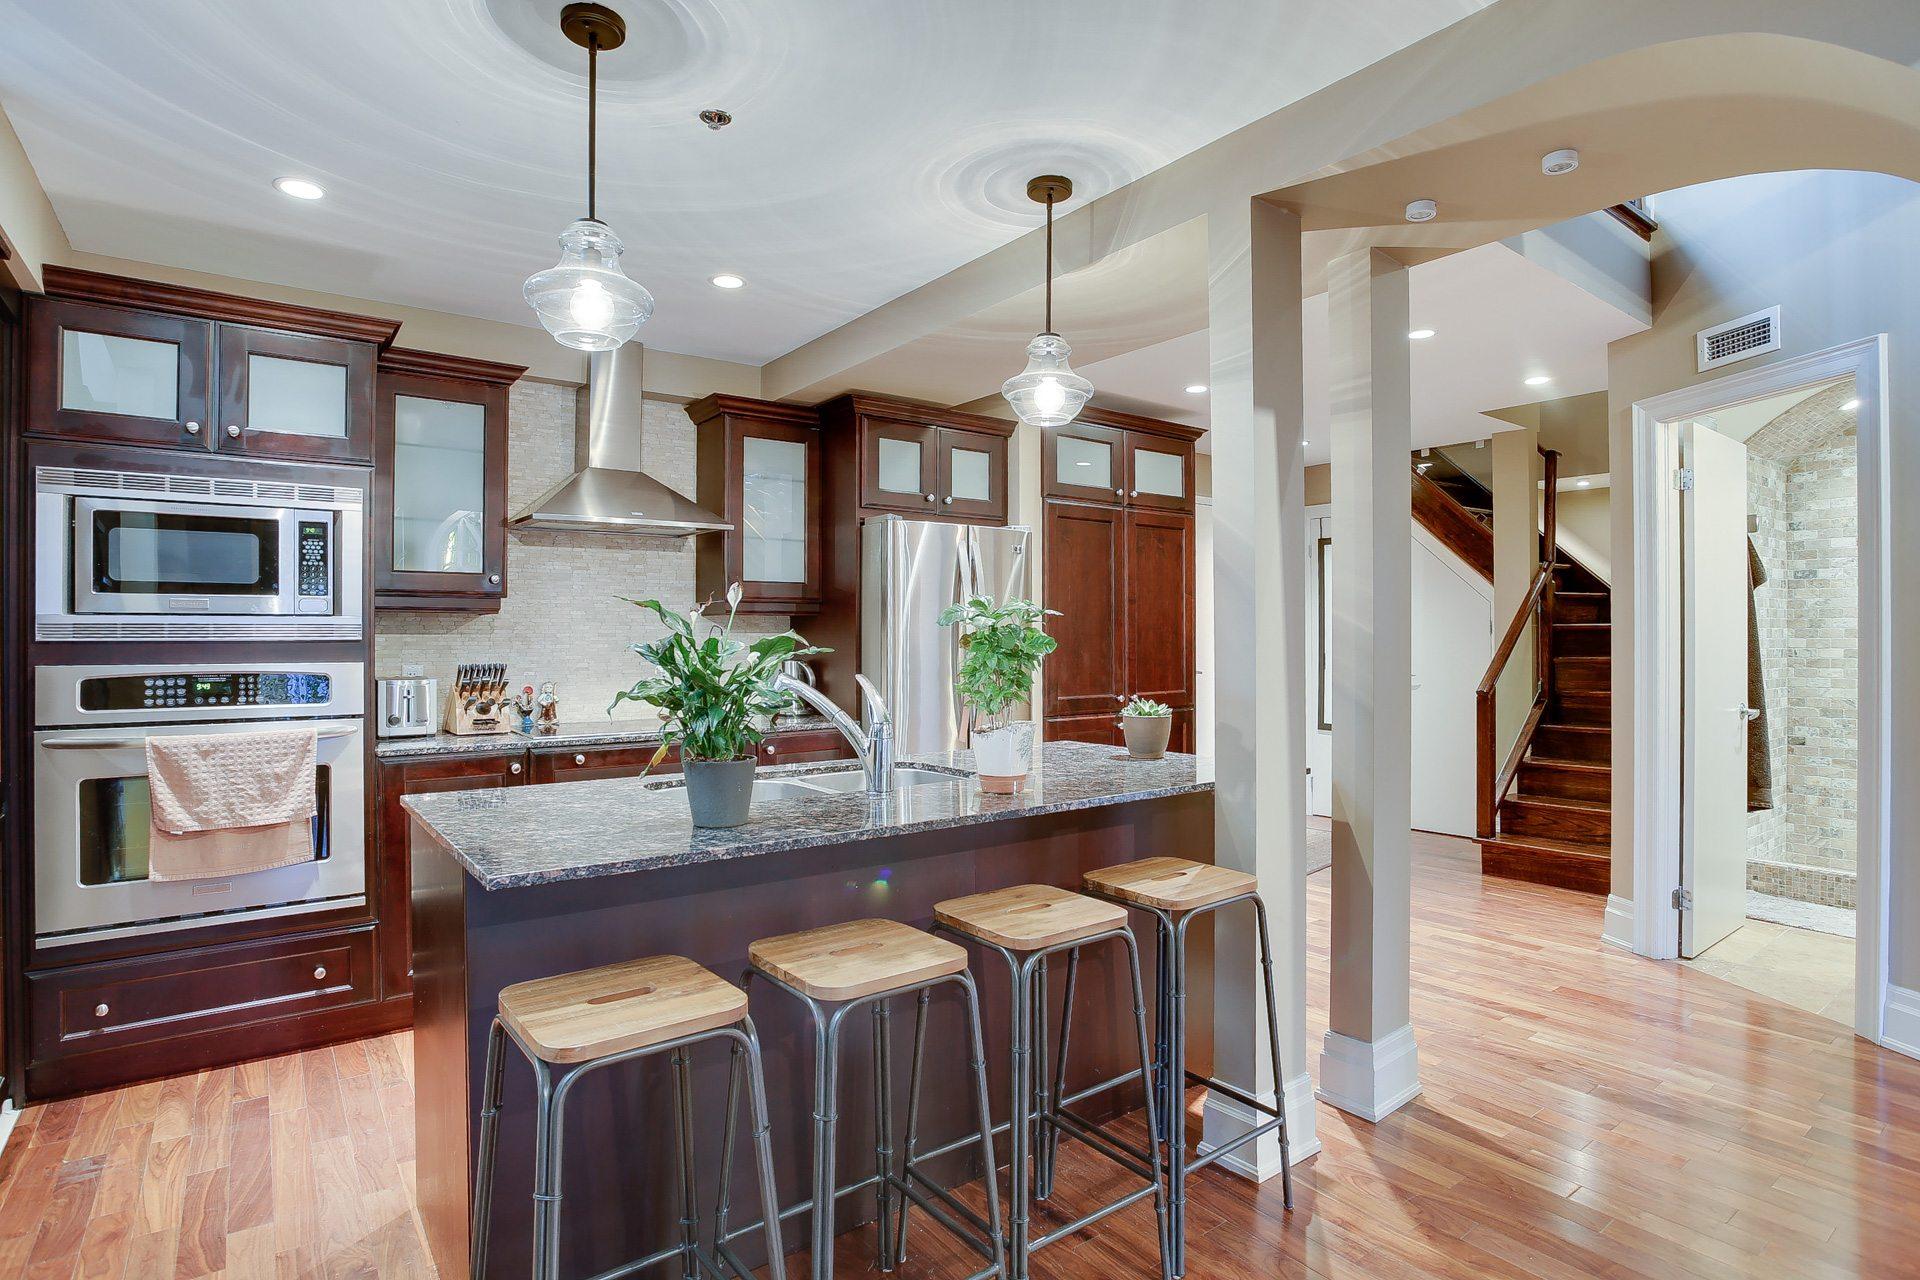 toronto-condo-for-rent-384-sunnyside-avenue-3